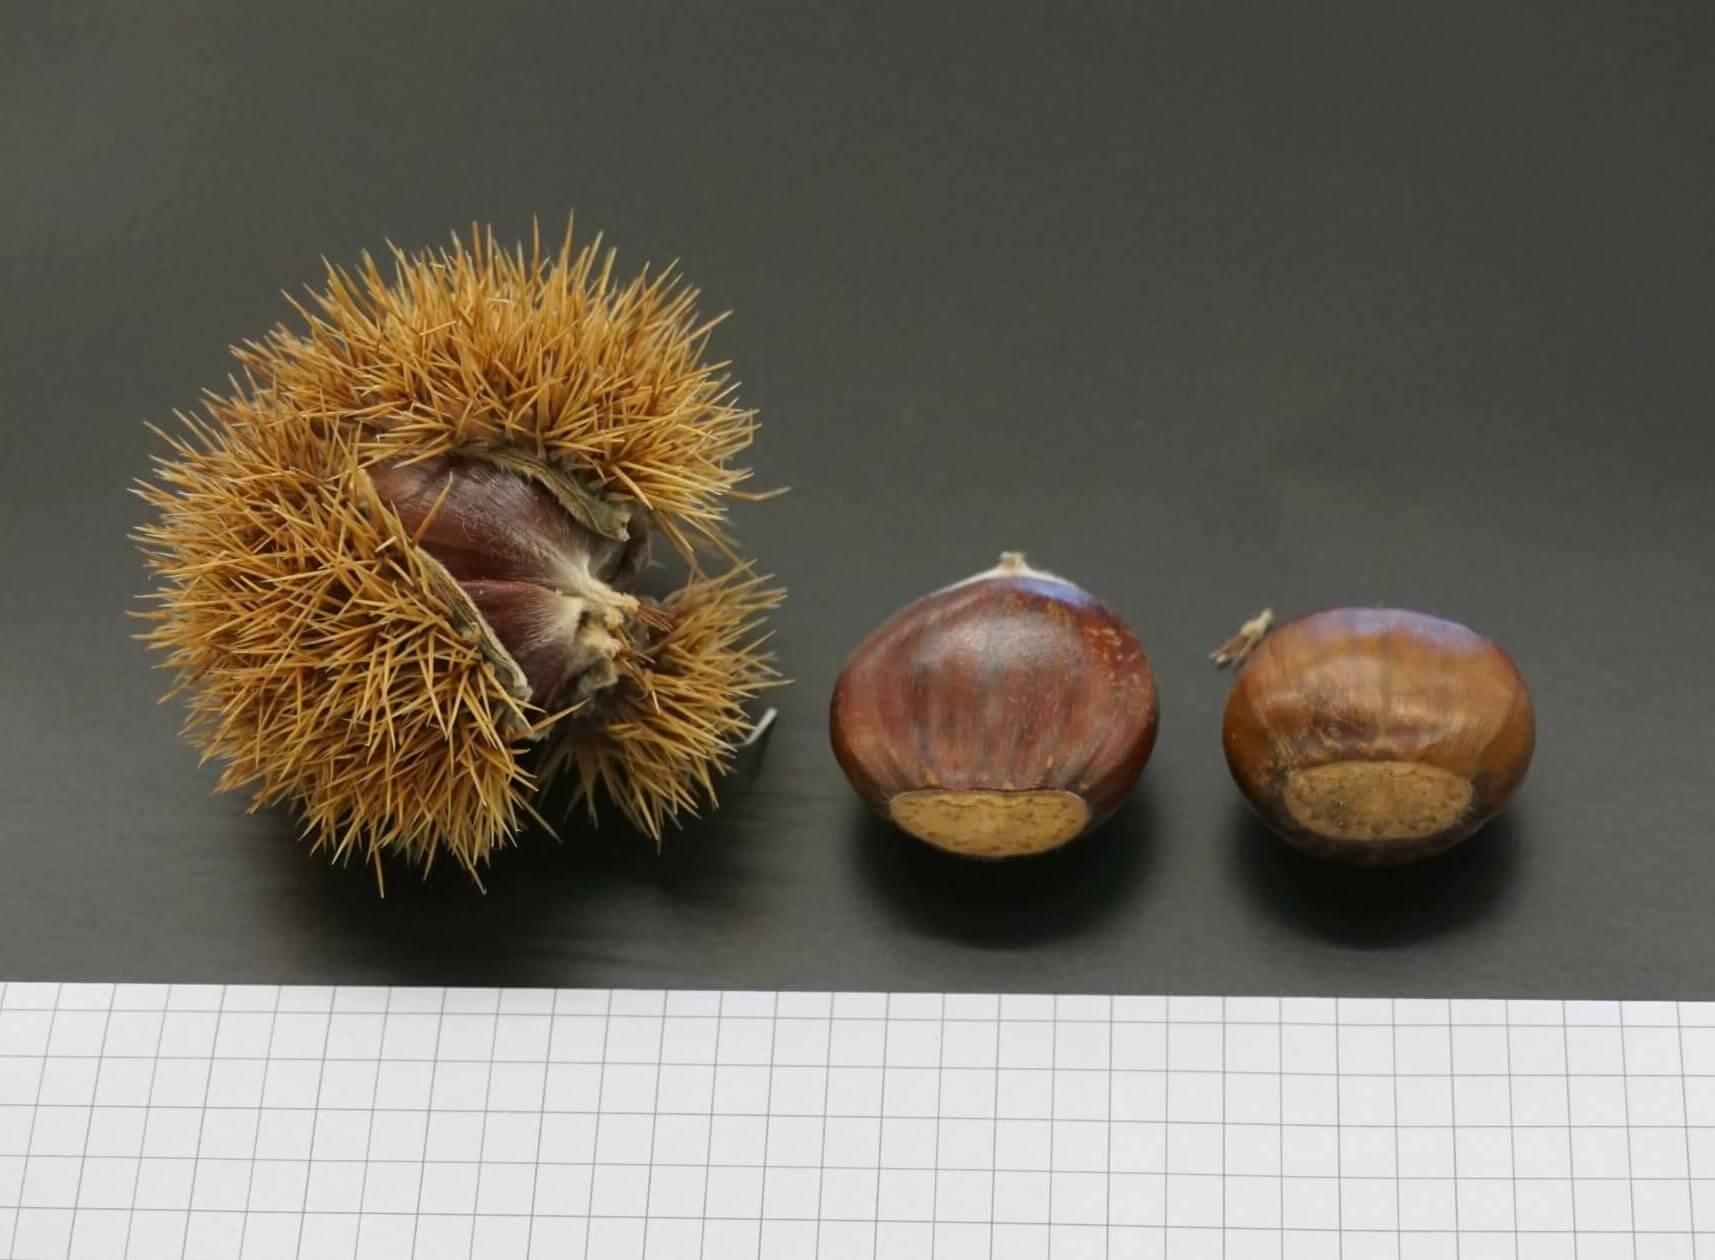 Das BIld zeigt den stacheligen Fruchtbecher und Maronen-Samen einer Edel- bzw. Esskastanie. Die Maronen sind dunkelbraun beschalt und enthalten den hellen Kern, der geröstet, eine Delikatesse darstellt.